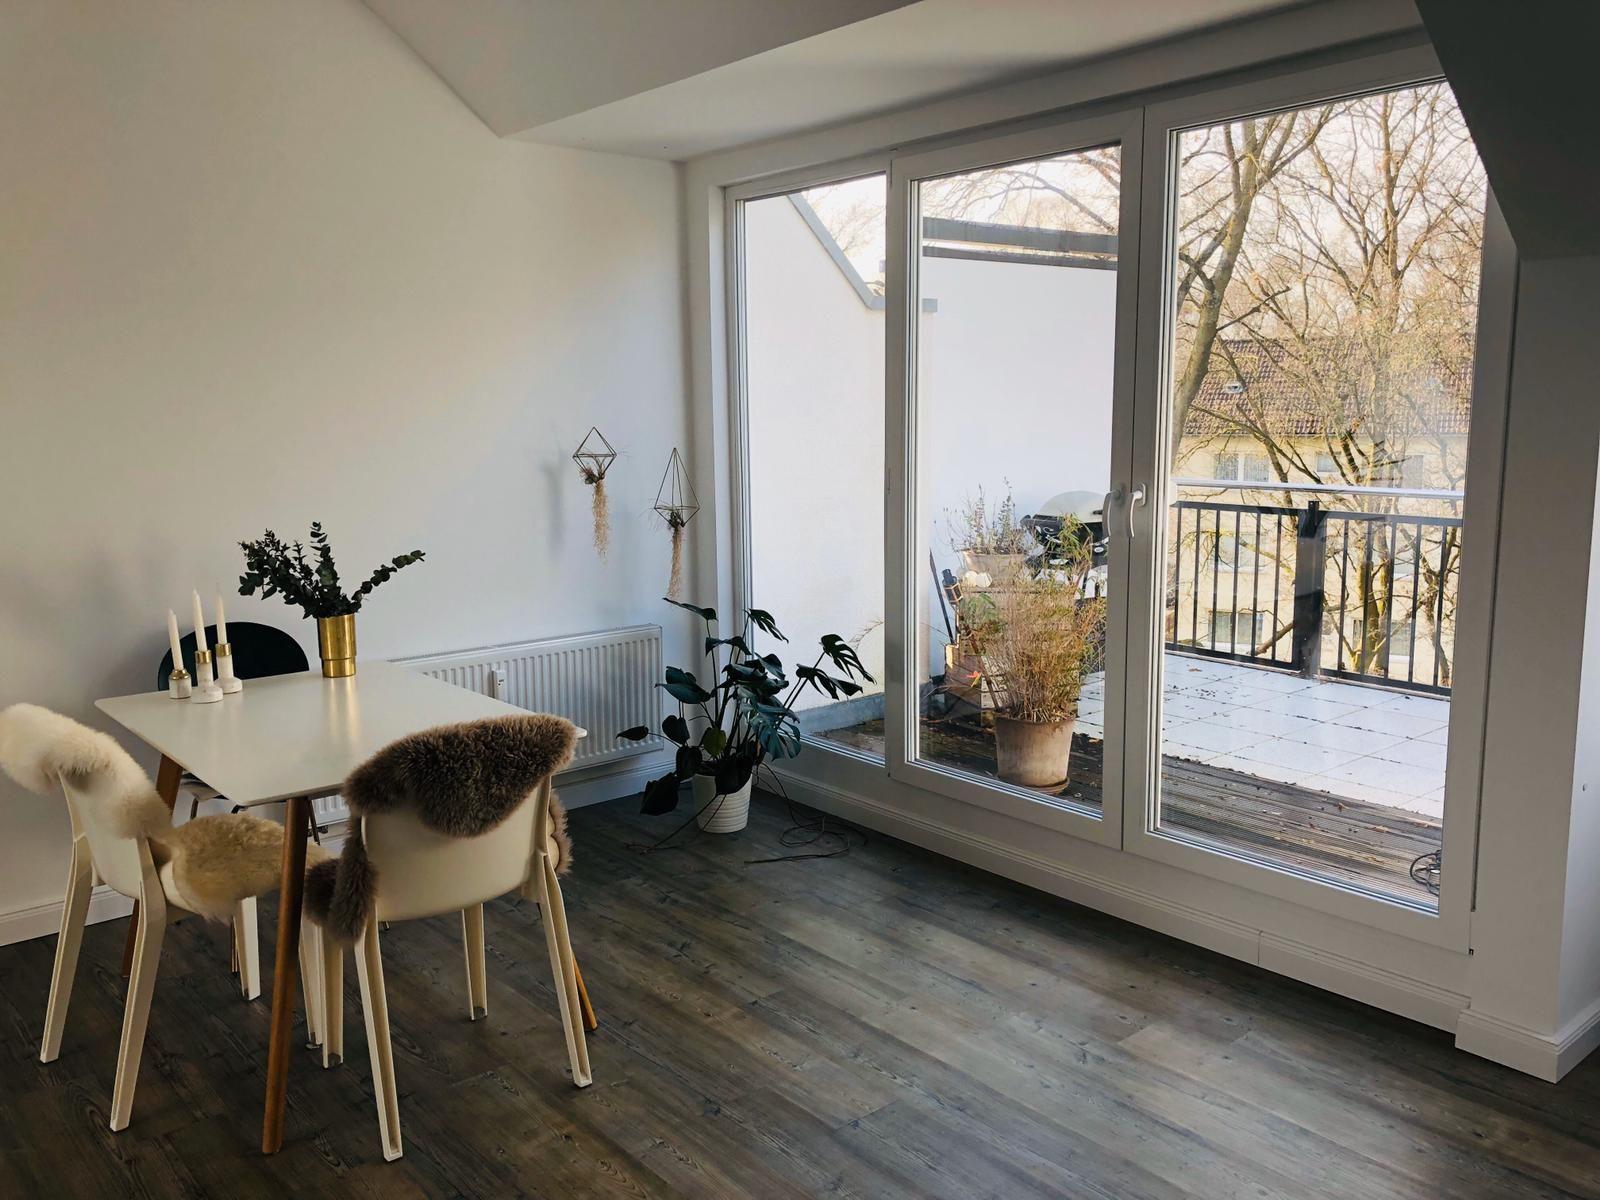 Dieses Schone Esszimmer Befindet Sich In Einer Wohnung In Dusseldorf Die Ab Januar Zu Mieten Ist Wg Wgzimmer Wggesucht Wohnen Wohnen Esszimmer Wg Zimmer